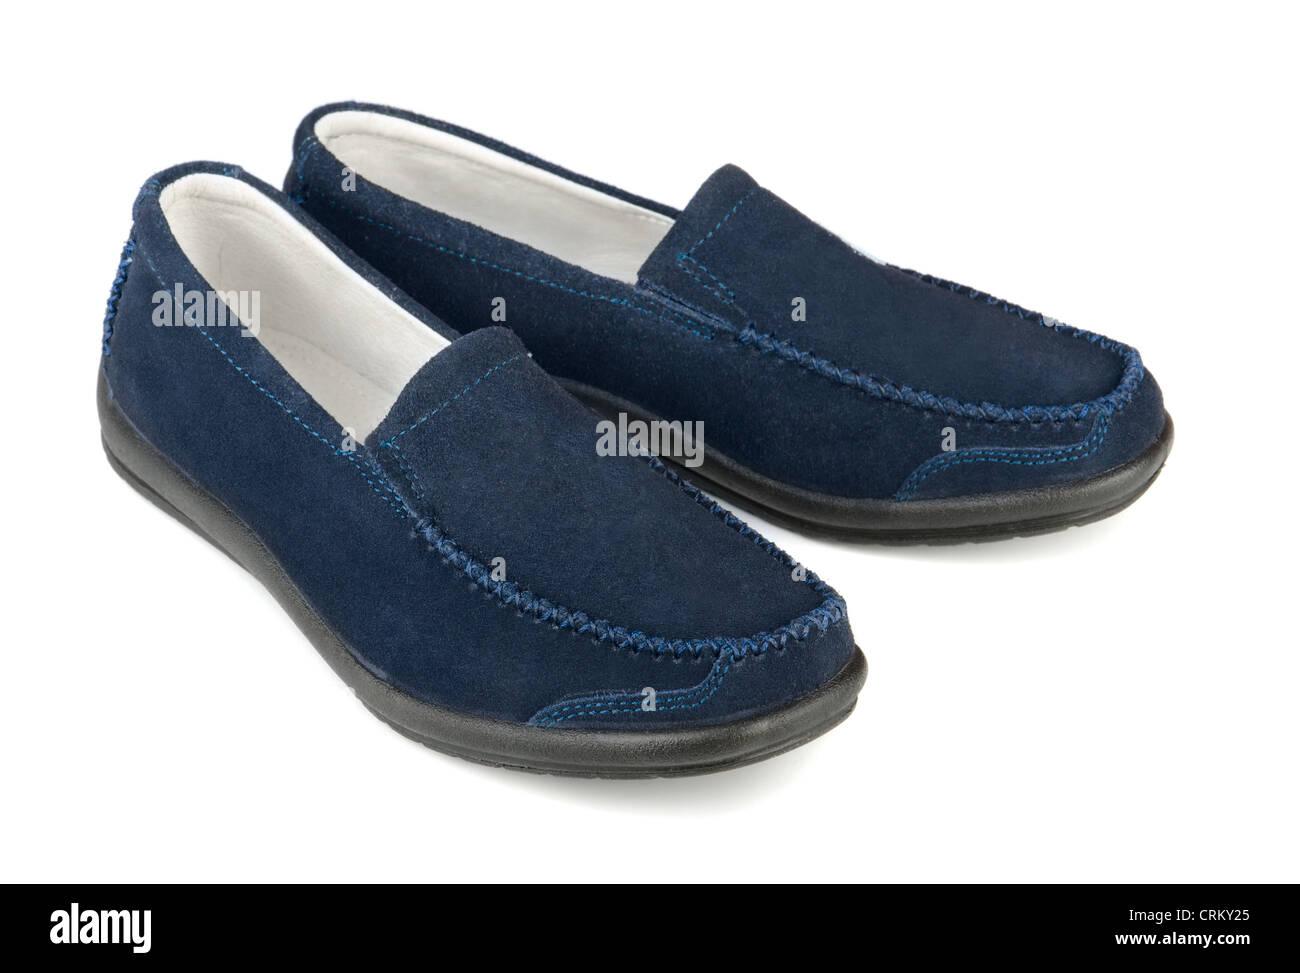 Blauen Wildleder lässige Loafer isoliert auf weiss Stockbild